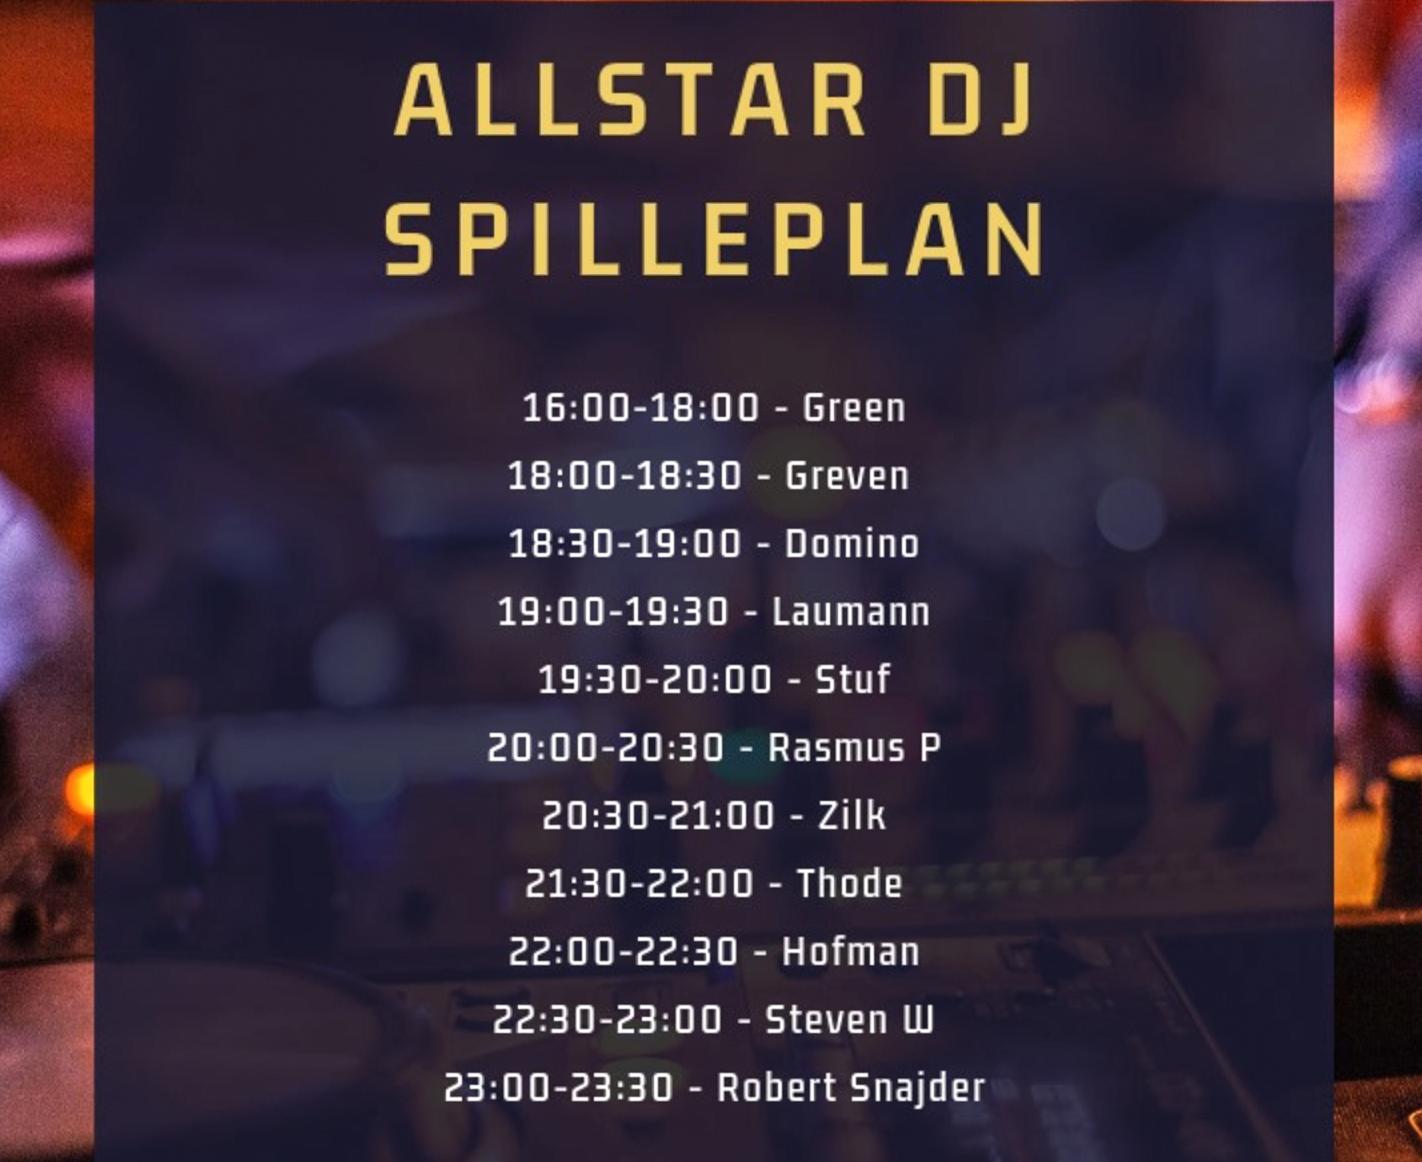 NO16 Rooftop: Intet mindre end 10 all star DJ's spiller på toppen - samme dag!